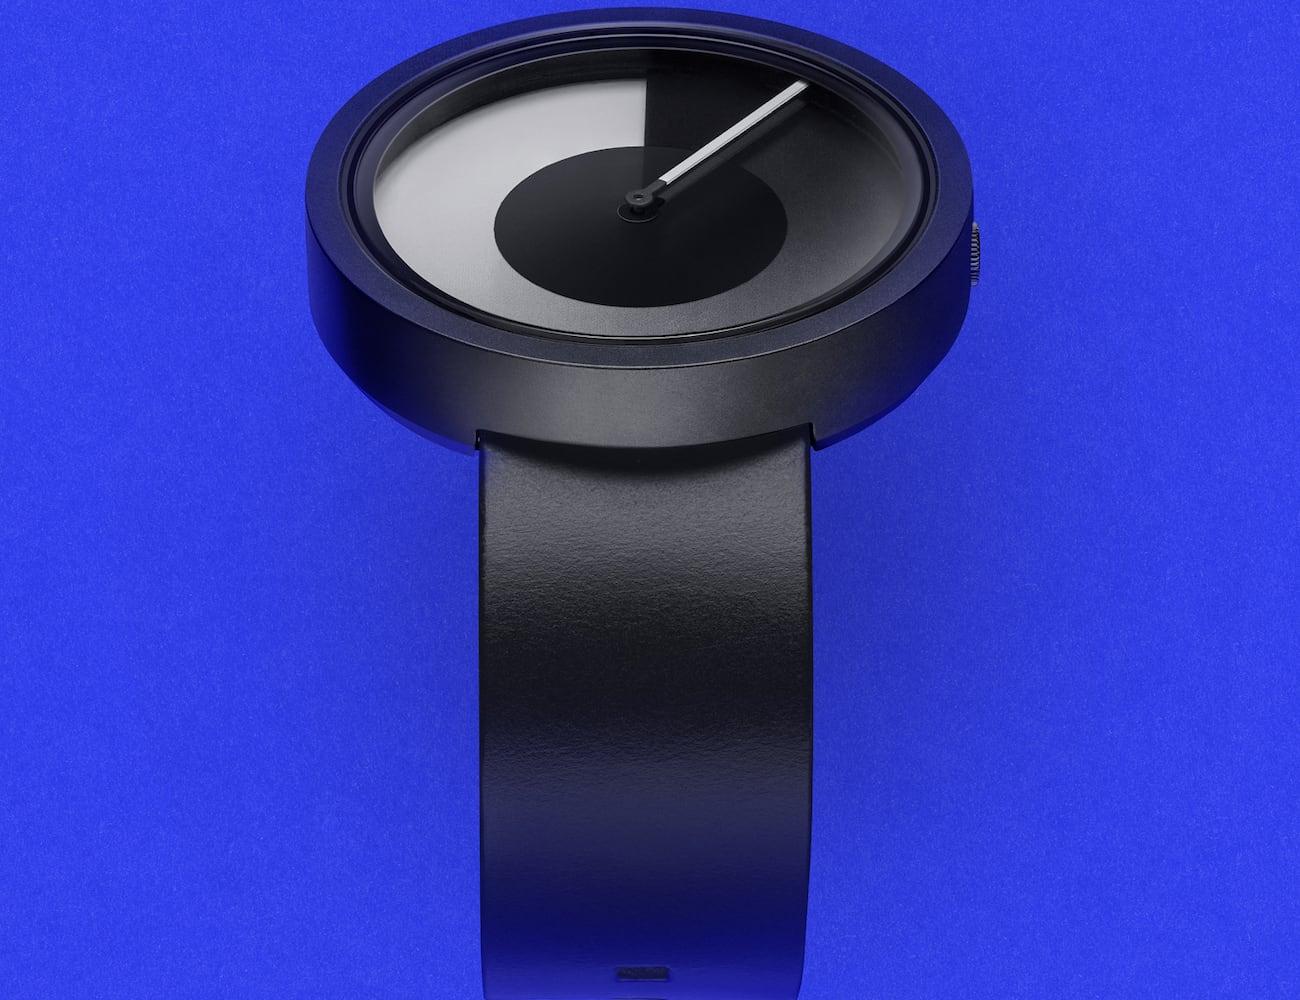 ZIIIRO HORIZON Minimal Monochrome Watch features unique numberless dials